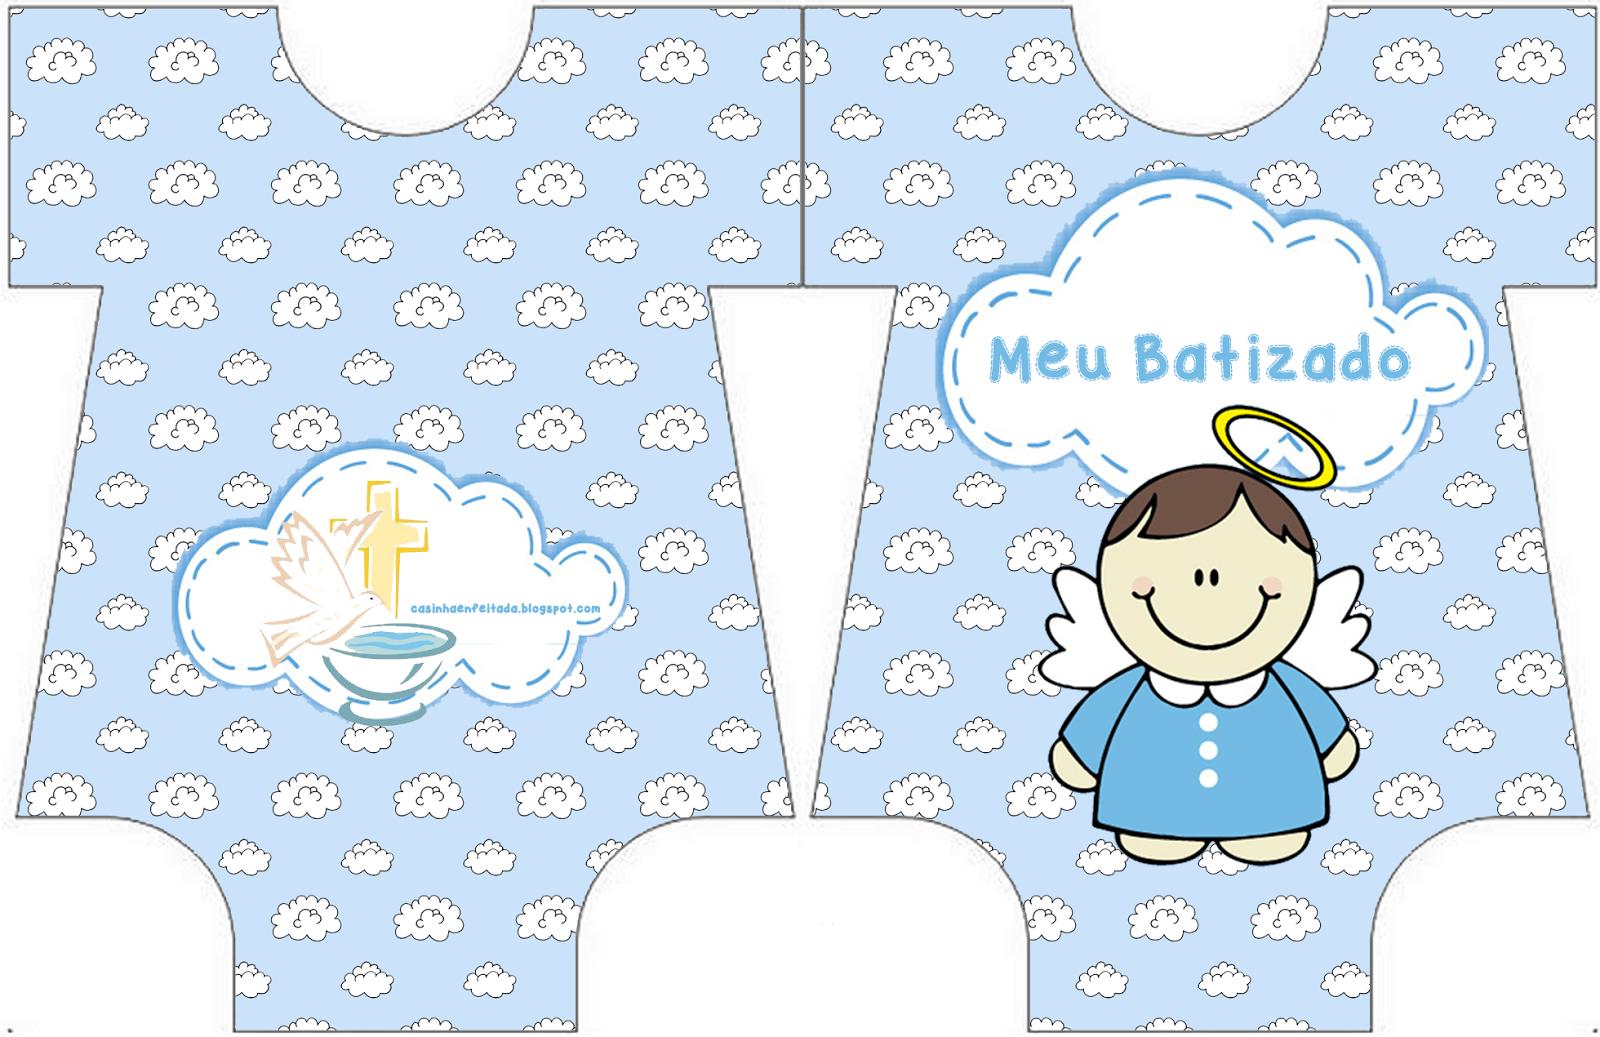 Casinha De Crianca Kit Festa Batizado Menino Para Imprimir Gratis